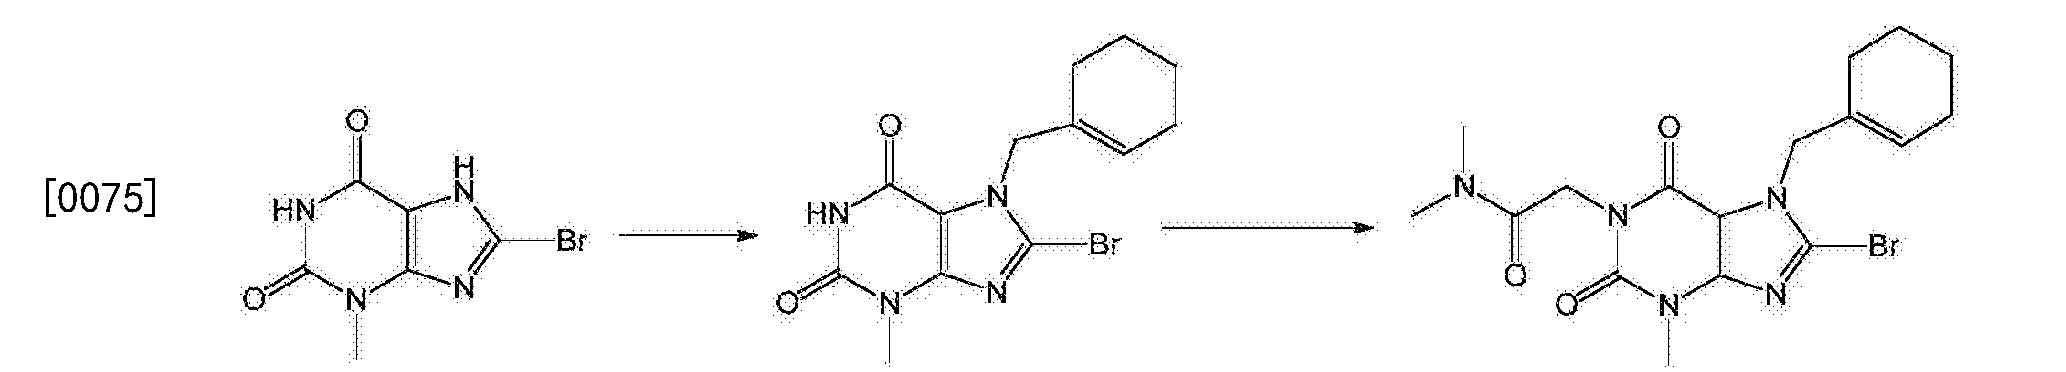 Figure CN105503873BD00111